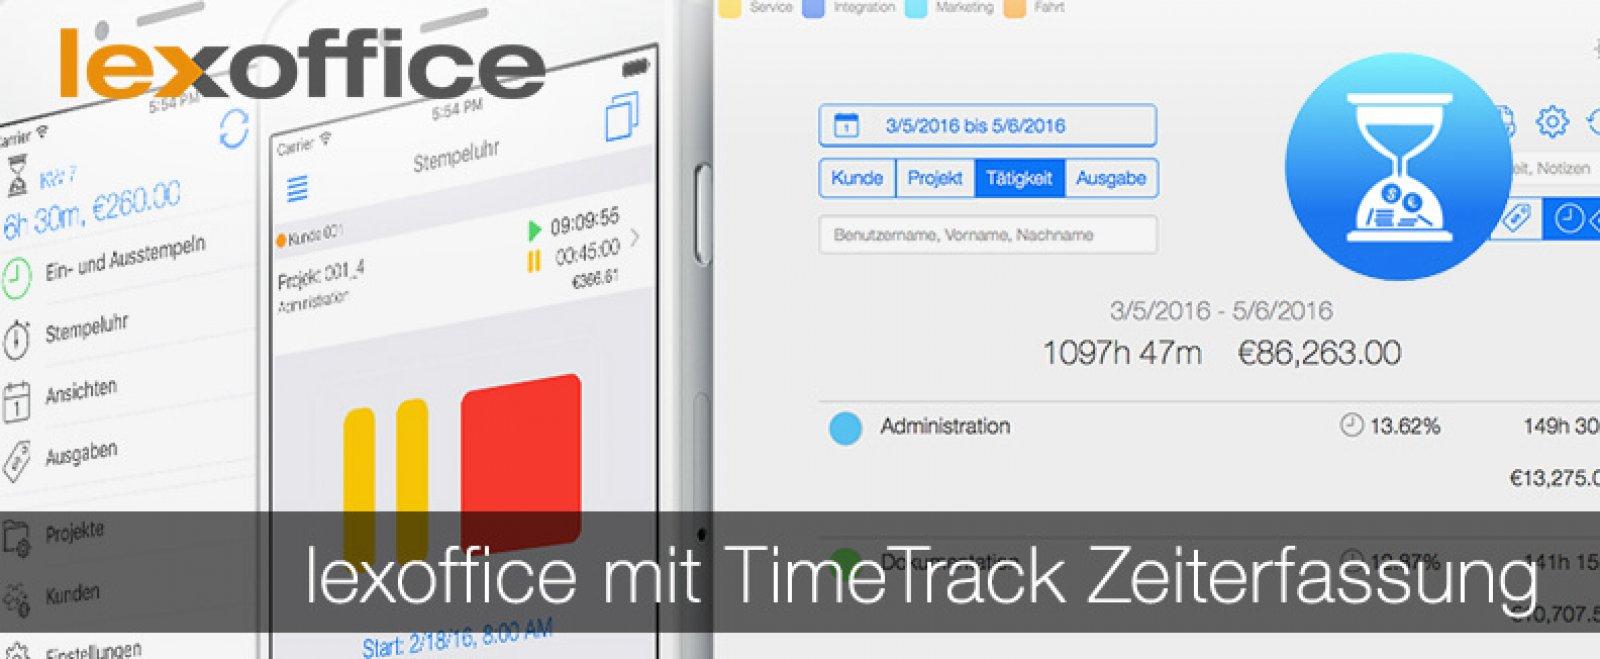 lexoffice mit TimeTrack Zeiterfassung - optimale Partner für Deine digitale Arbeitsumgebung